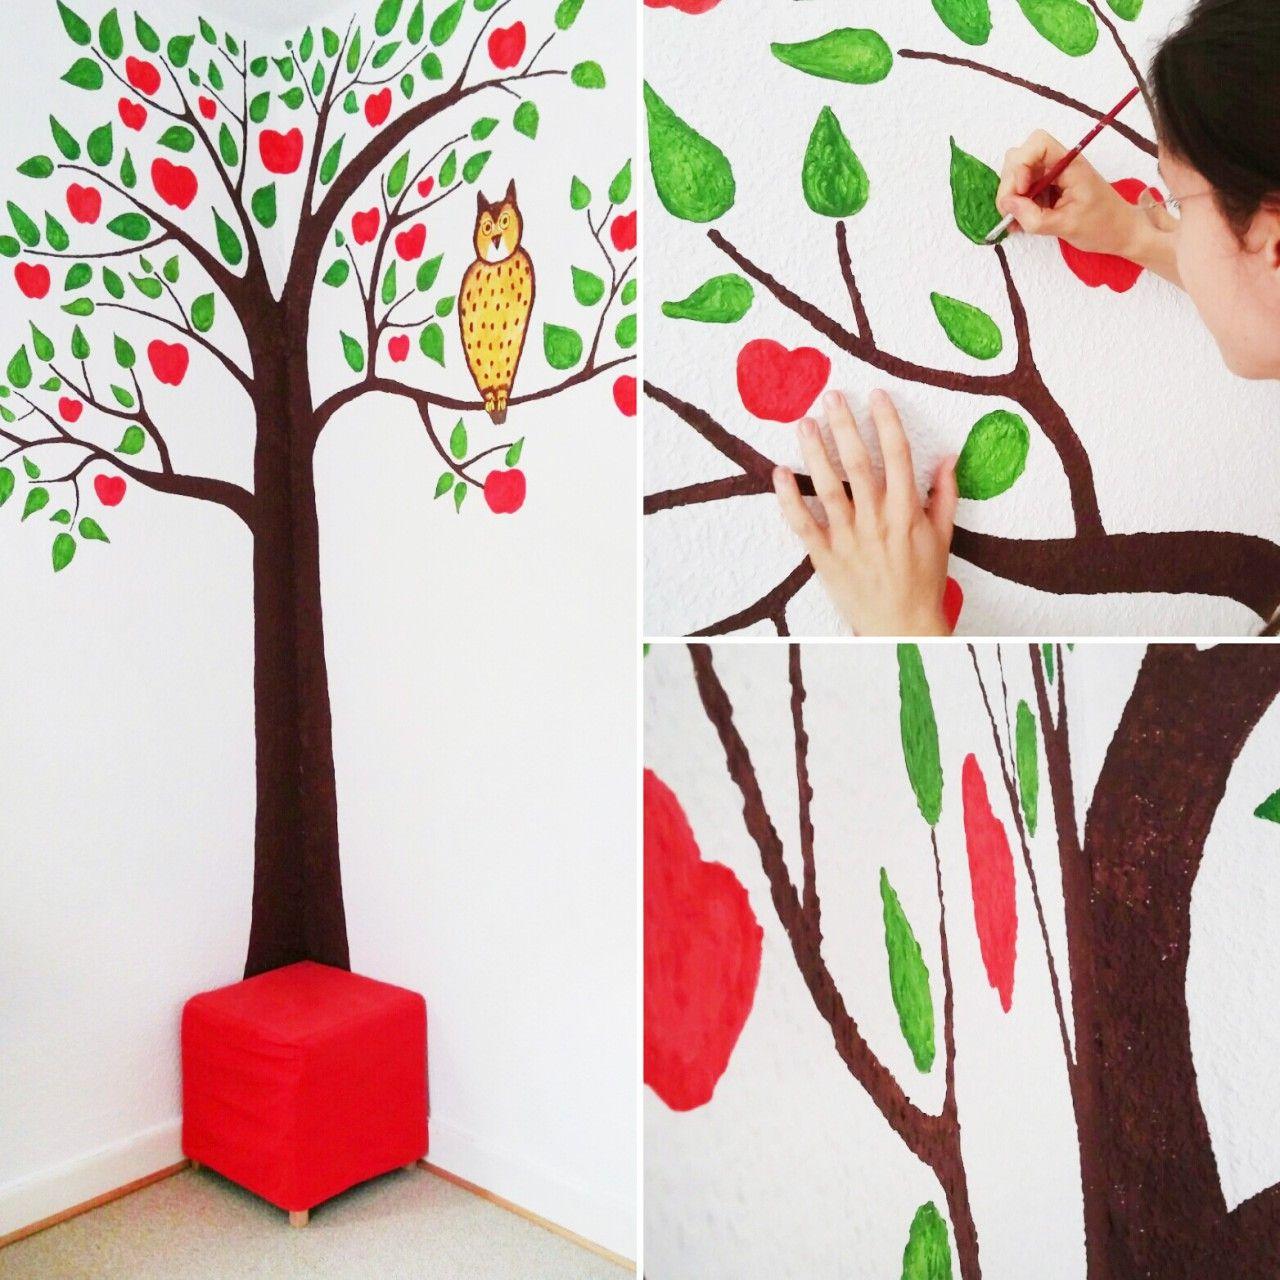 kinderzimmer malen apfelbaum in kinderzimmer malen kinderzimmer diy ideen. Black Bedroom Furniture Sets. Home Design Ideas